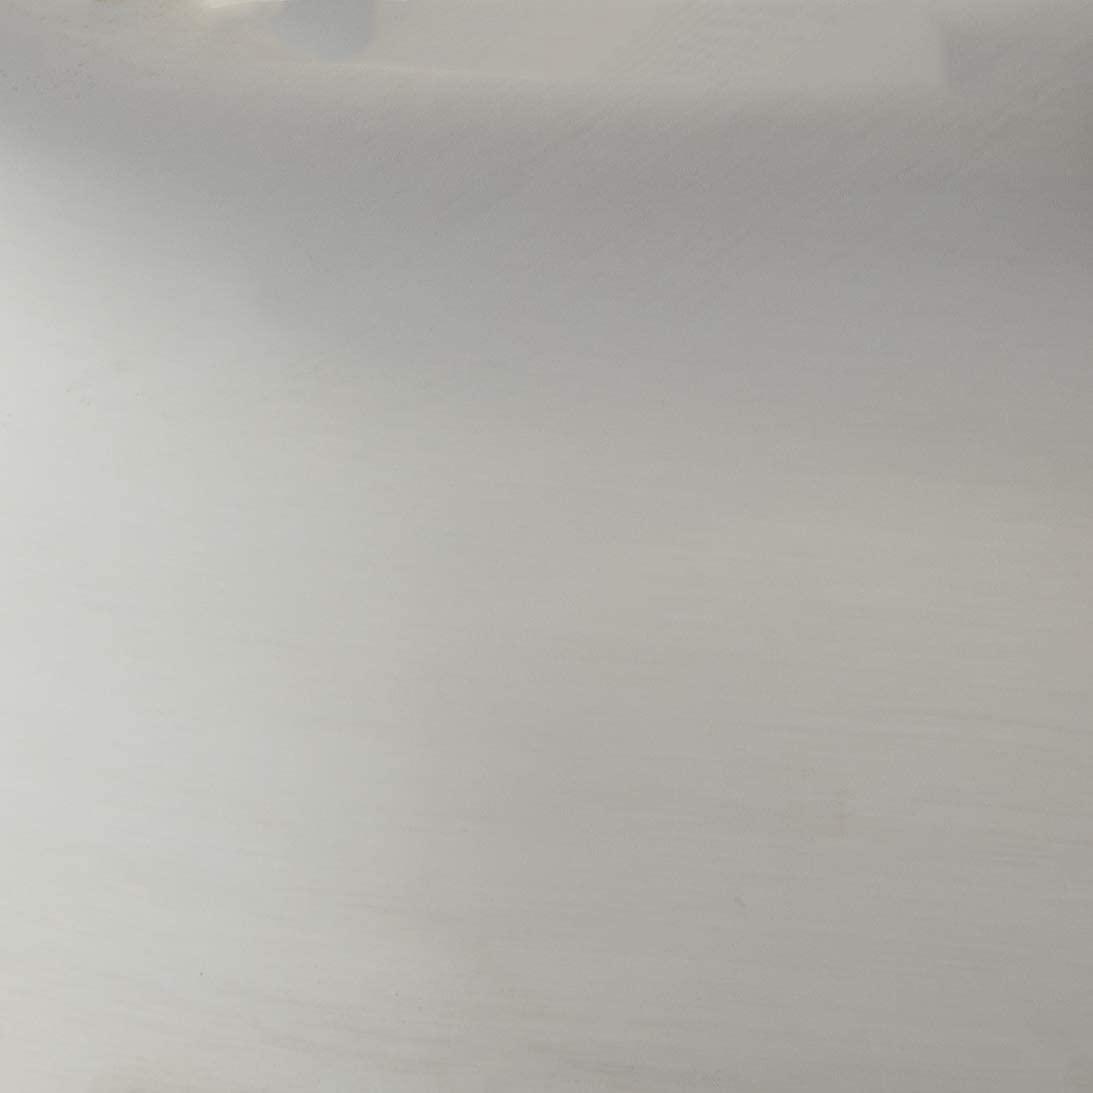 杉山金属 薄型キューブケトル 1.6L KS-2625の商品画像8